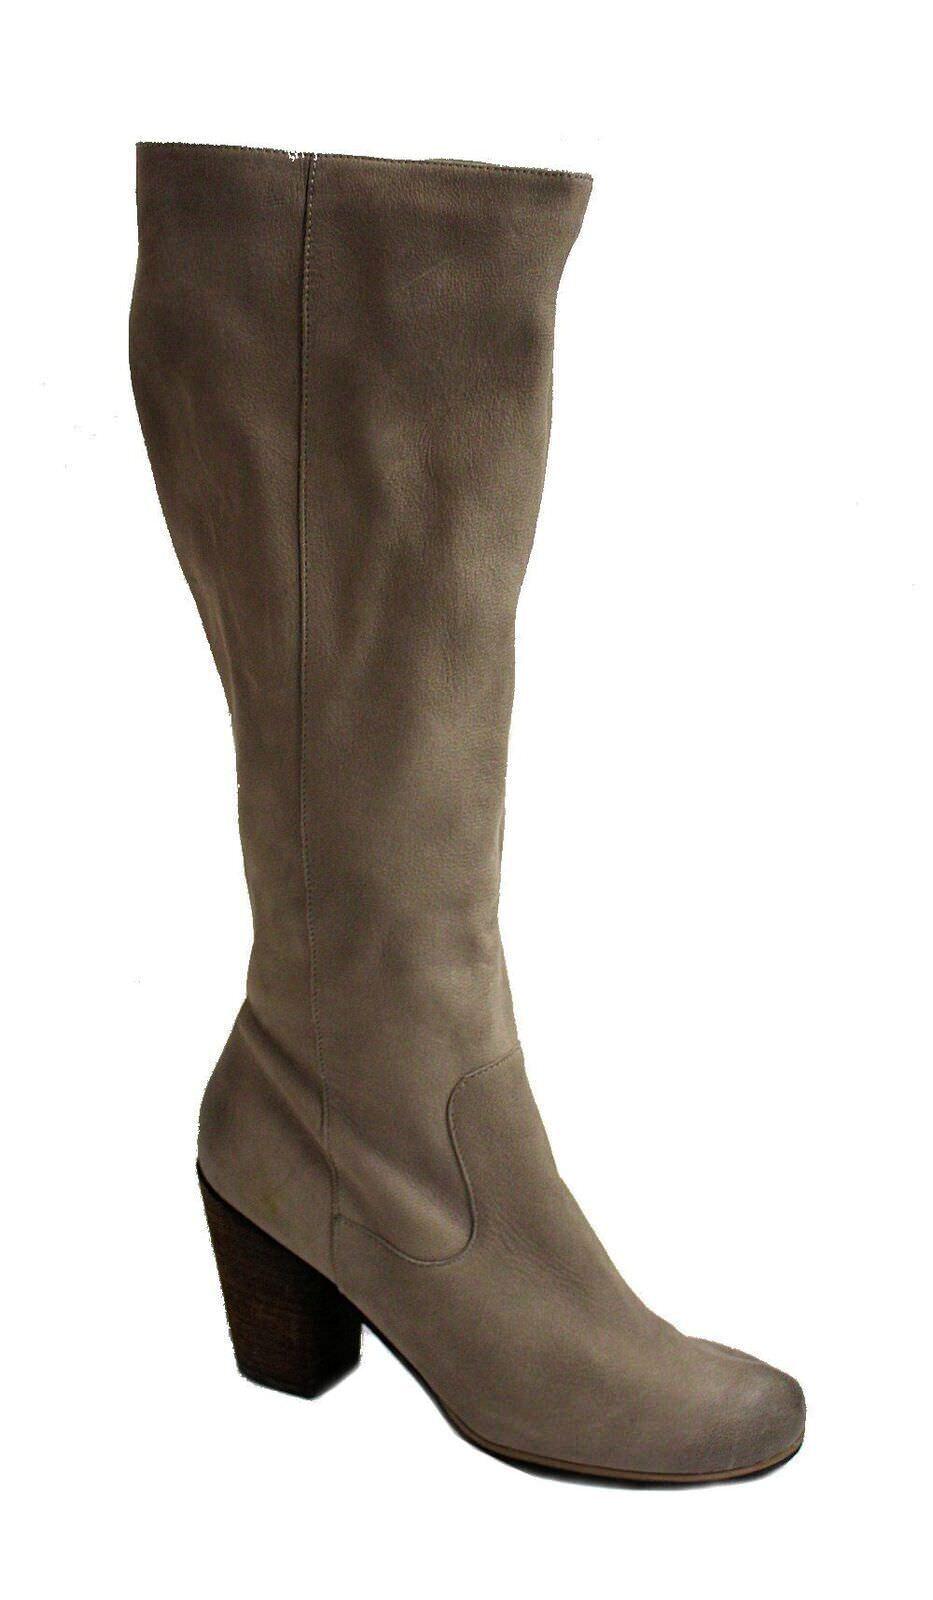 BP Women's Transit High Boot Grey US 9.5 NOB NWD